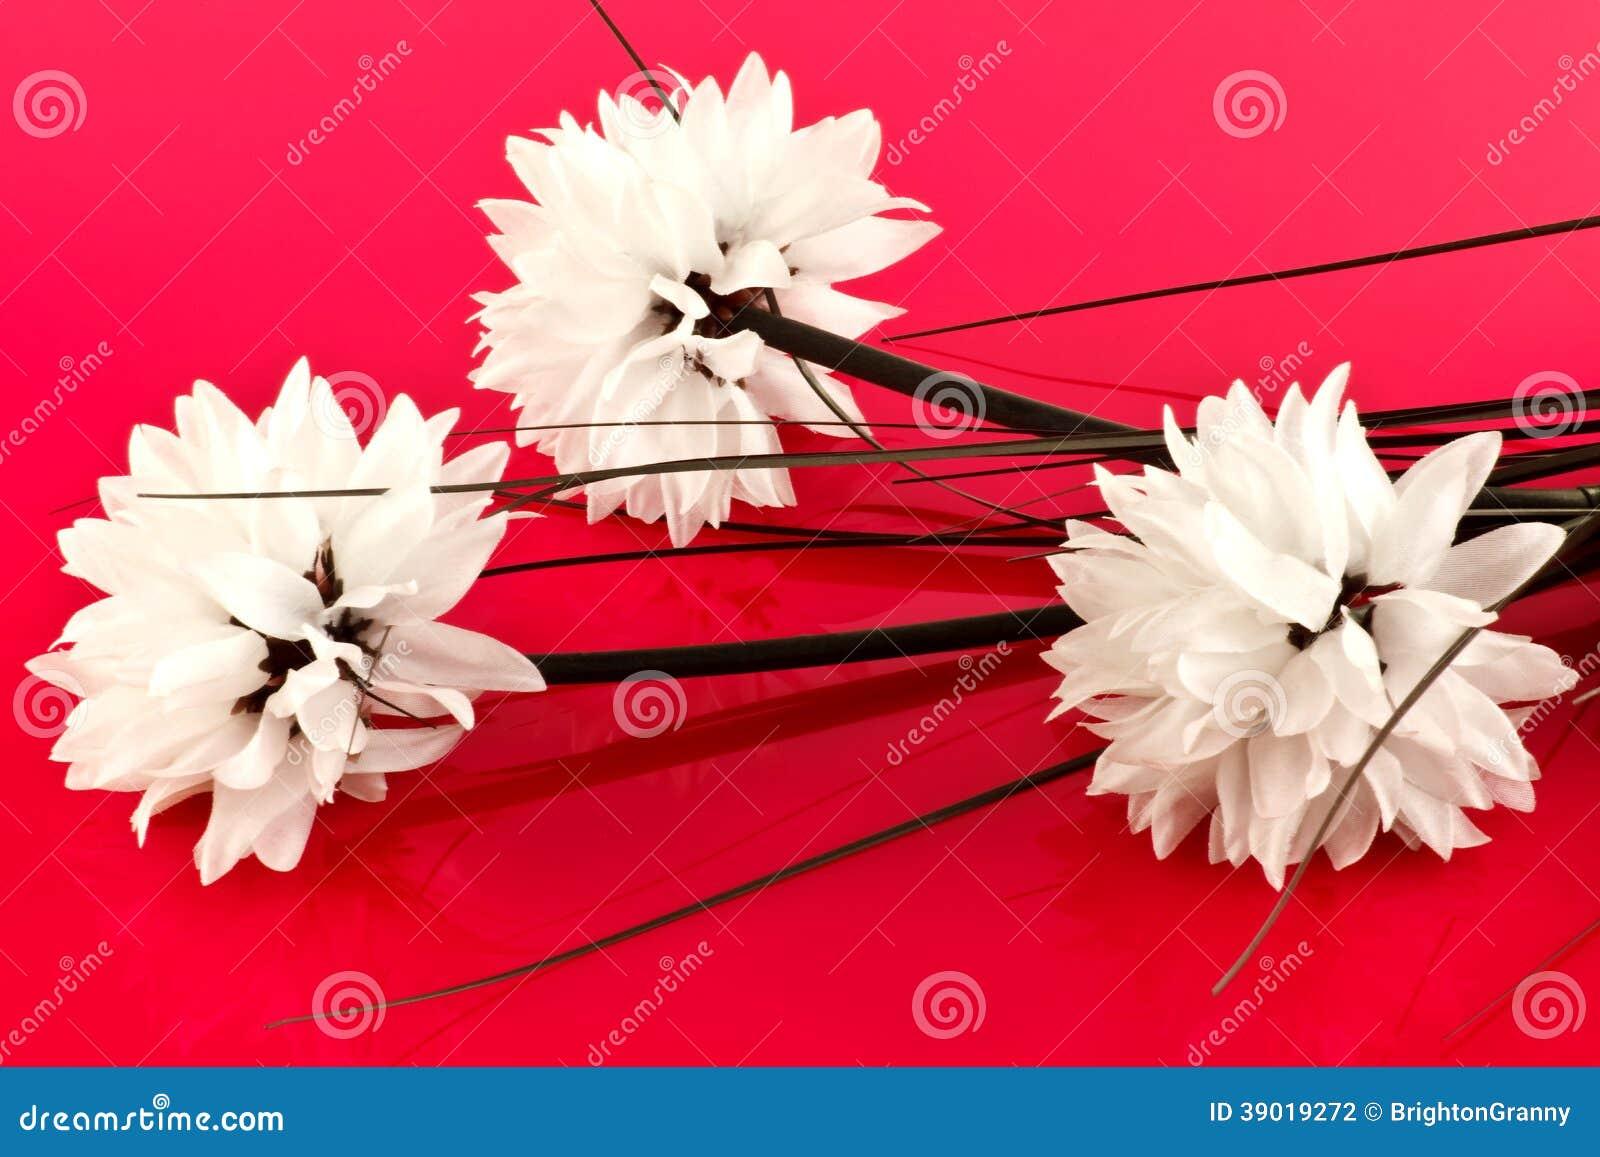 fleurs artificielles blanches photo stock image du d coration ornement 39019272. Black Bedroom Furniture Sets. Home Design Ideas